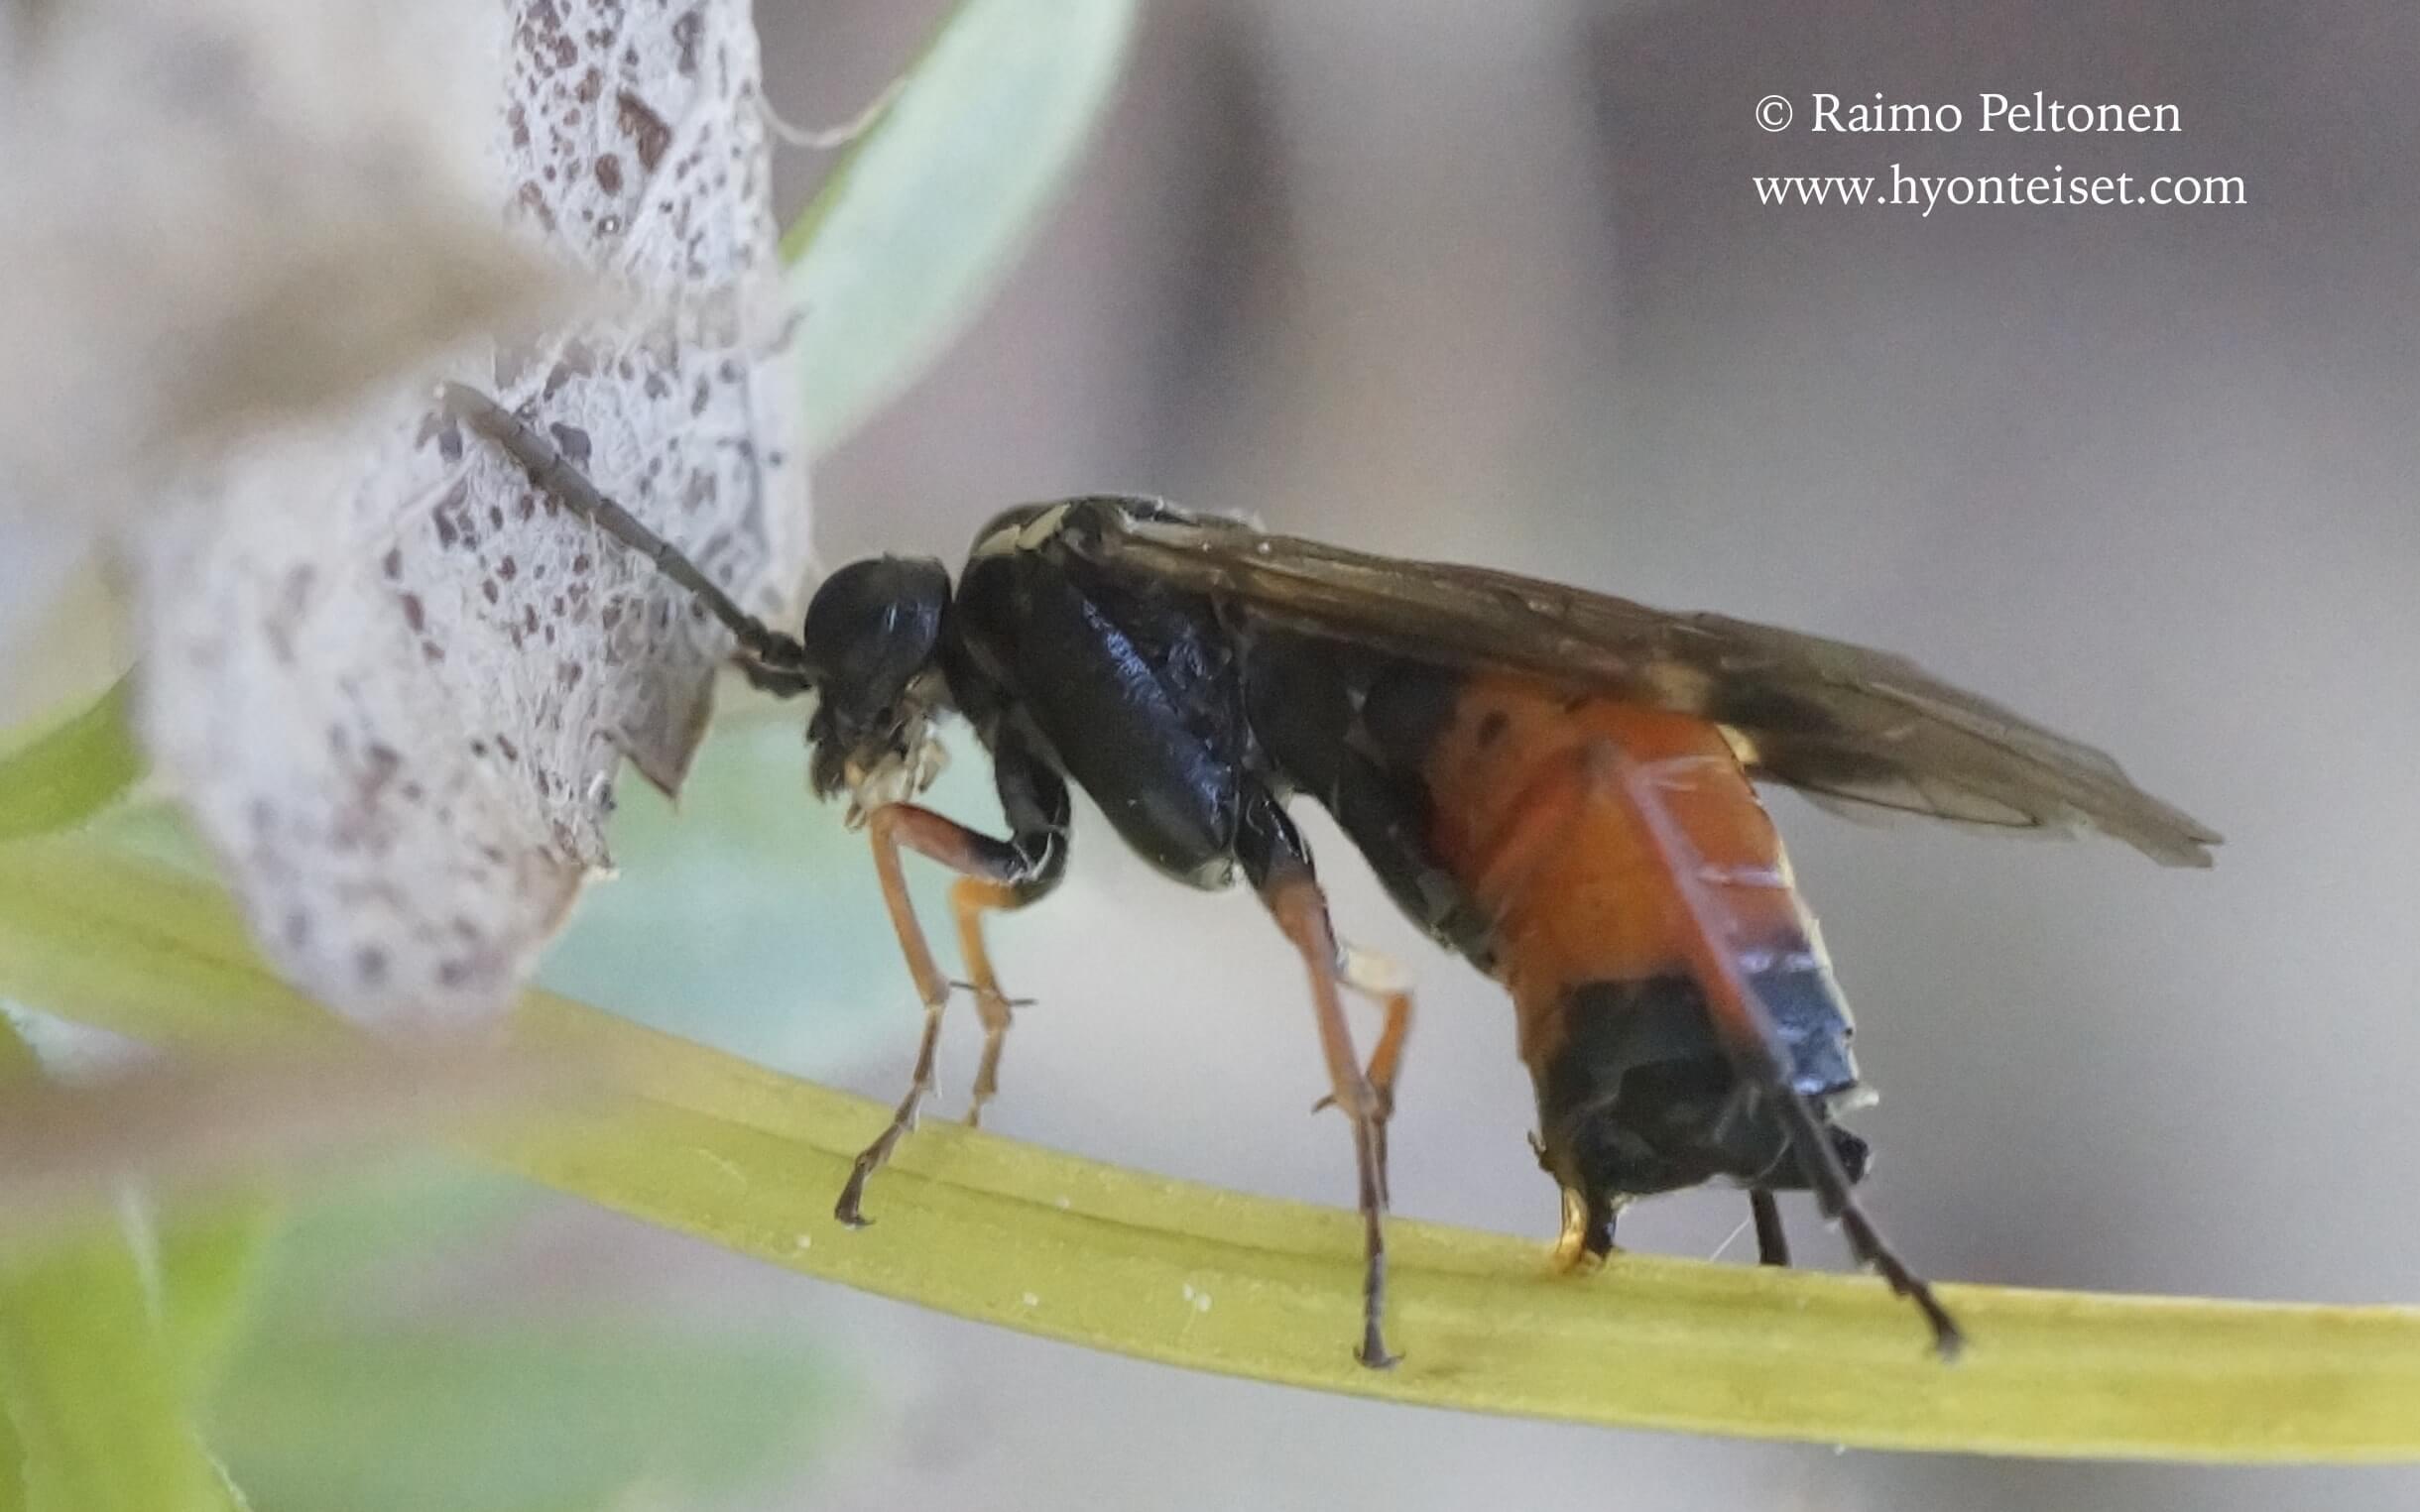 Aglaostigma aucupariae (det. Veli Vikberg), 4.6.2017 Jyväskylä